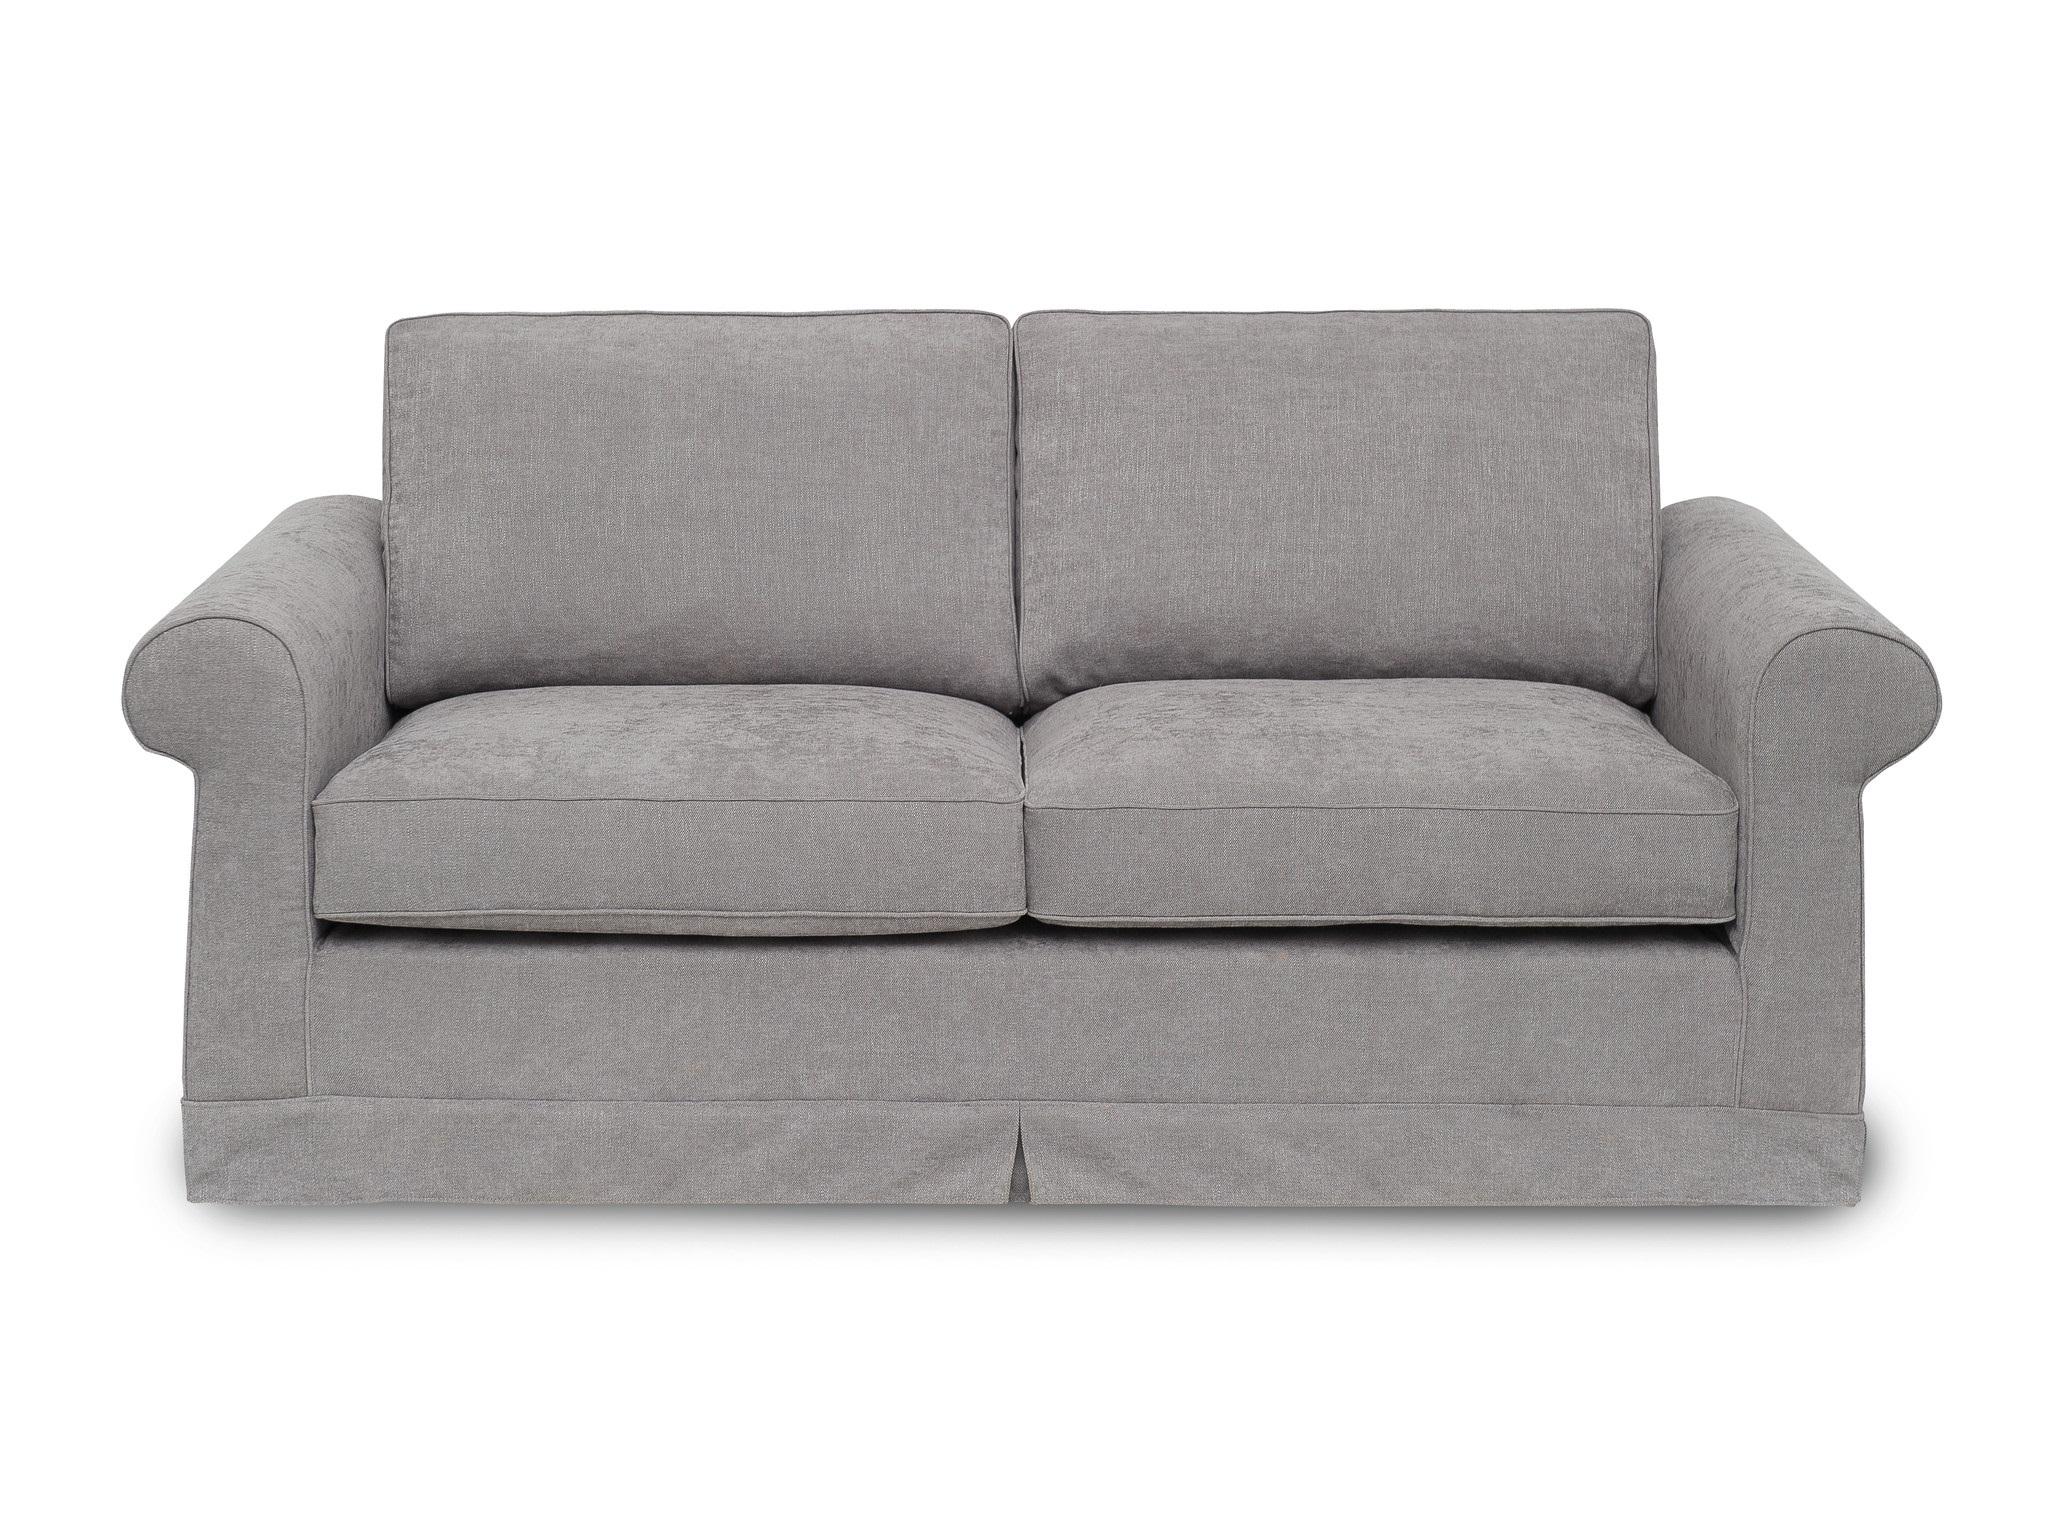 Диван РаумаДвухместные диваны<br>Выверенные временем гордые линии классического английского стиля нашли свое воплощение в семействе диванов Раума. 2,5-местный диван с декоративной юбкой, скрывающей ножки. Не разбирается.&amp;nbsp;Каркас (комбинации дерева, фанеры и ЛДСП). Для сидячих подушек используют пену различной плотности, а также перо и силиконовое волокно. Для задних подушек есть пять видов наполнения: пена, измельченая пена, пена высокой эластичности, силиконовые волокно.&amp;nbsp;Материал обивки: Шенилл. Состав: 85% полиэстер, 15% вискоза.<br><br>kit: None<br>gender: None